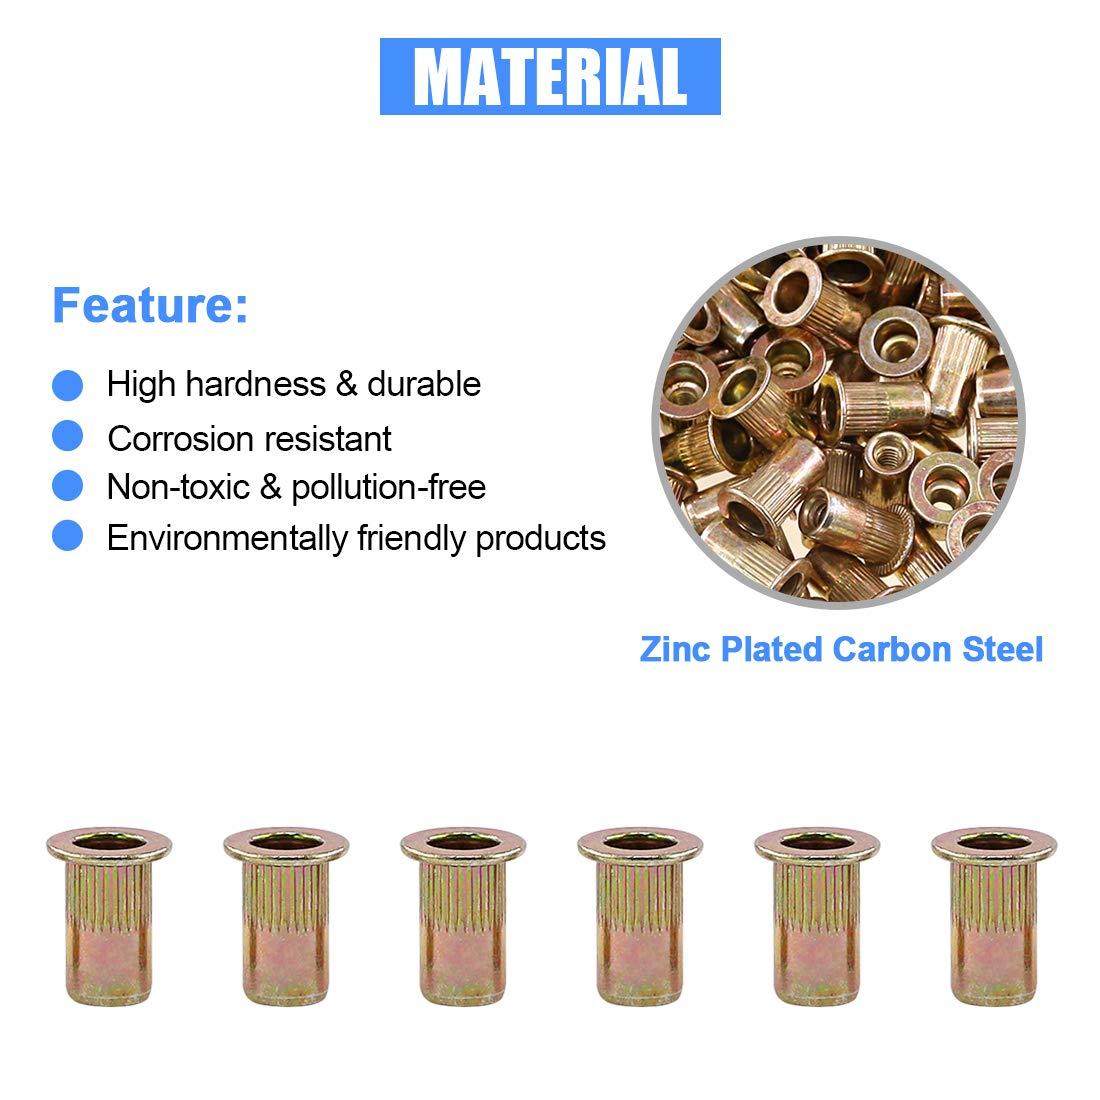 5//32-32UNC Glarks 100Pcs 5//32-32UNC Zinc Plated Carbon Steel Flat Head Rivnut Threaded Insert Nuts Set